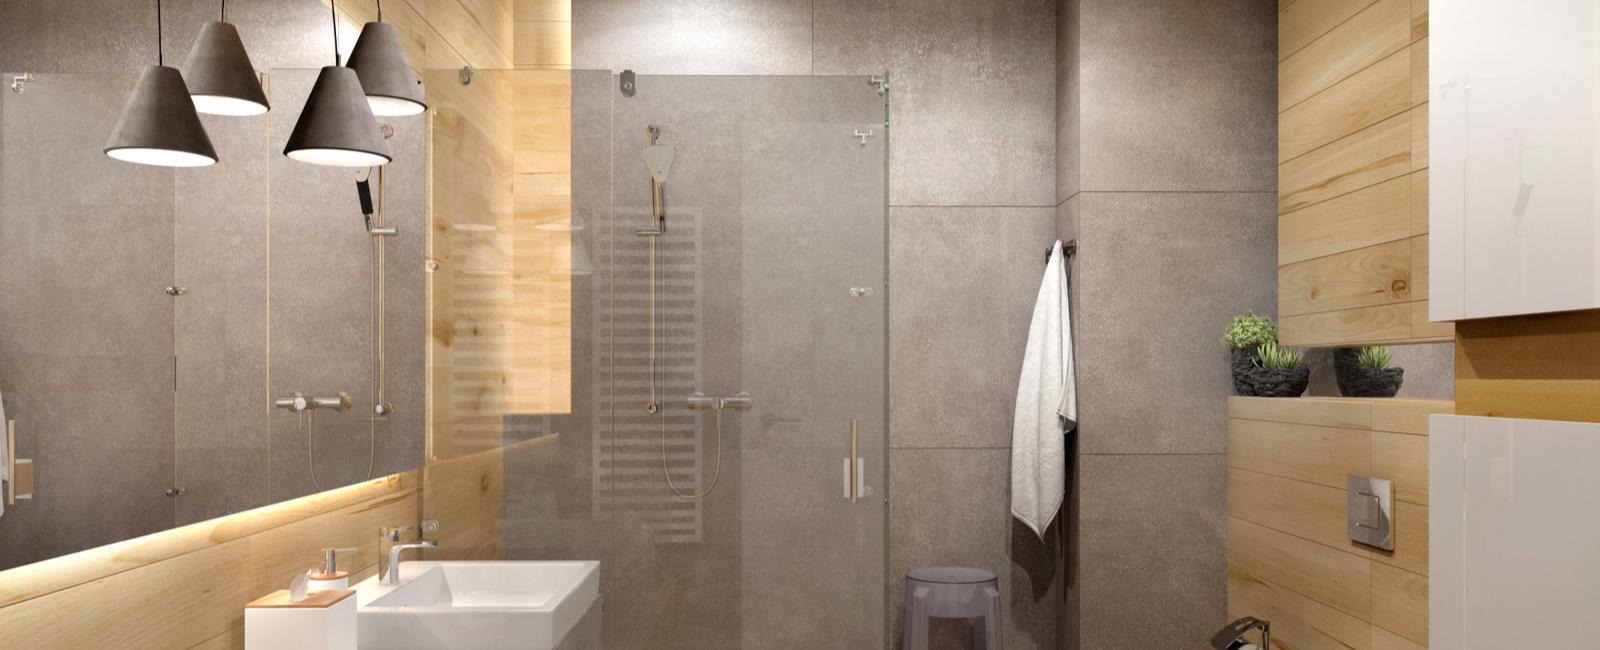 Quel éclairage pour la salle de bain ? - Conseils travaux